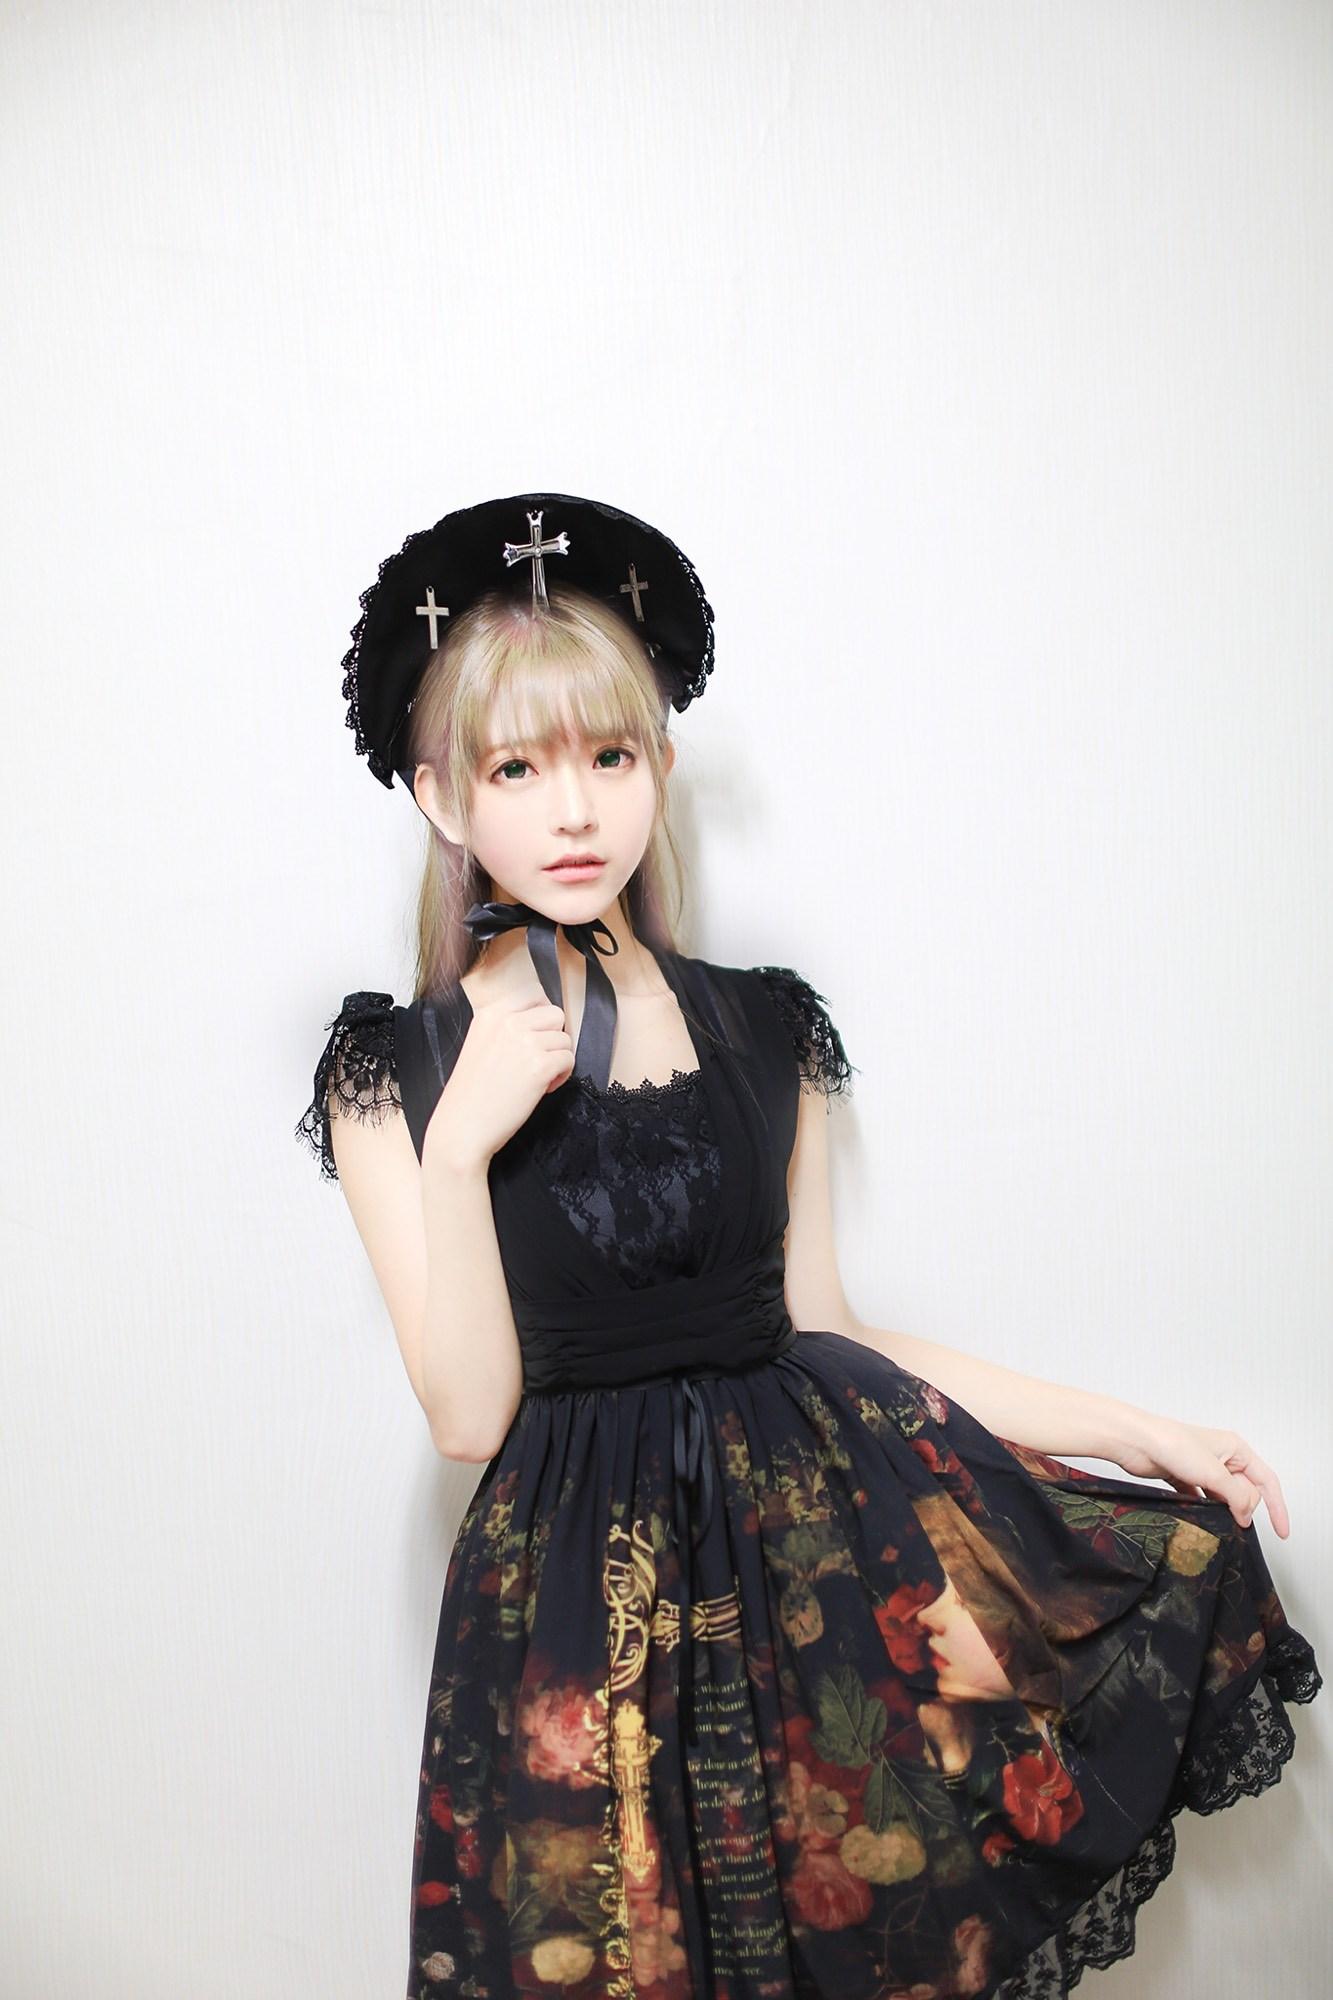 【兔玩映画】Yurisa 兔玩映画 第96张